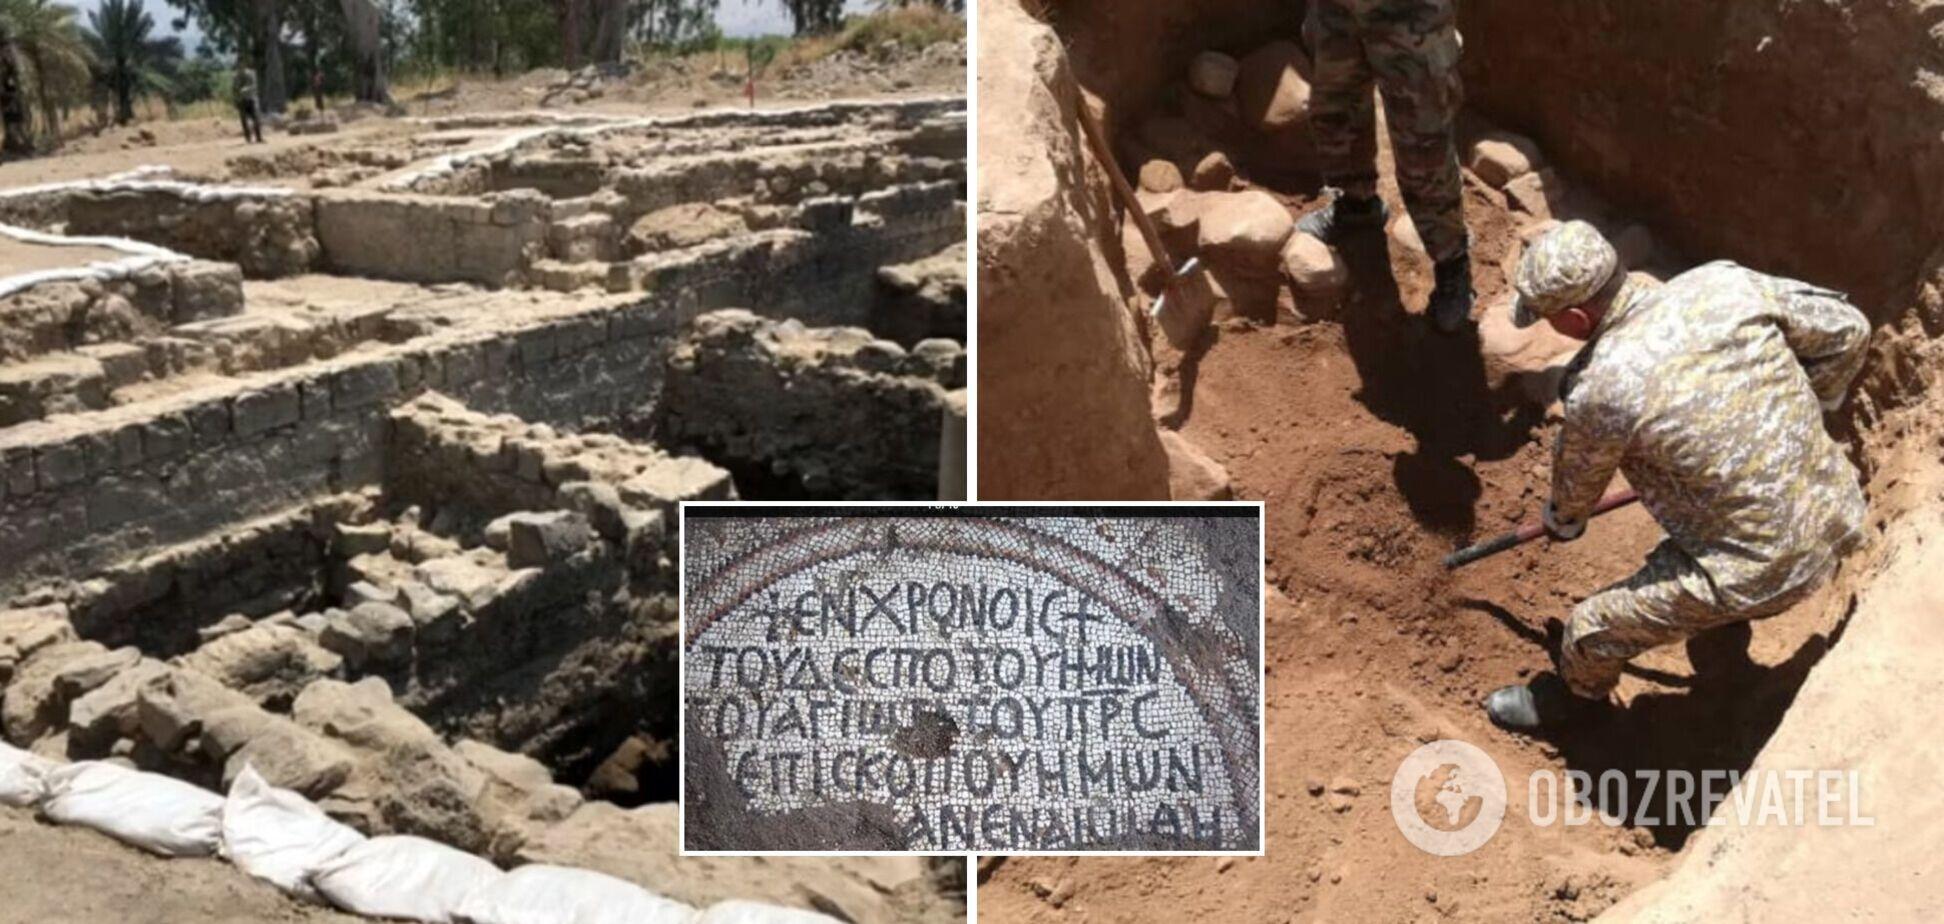 Археологи обнаружили руины затерянной церкви Апостолов, которой 1500 лет. Фото